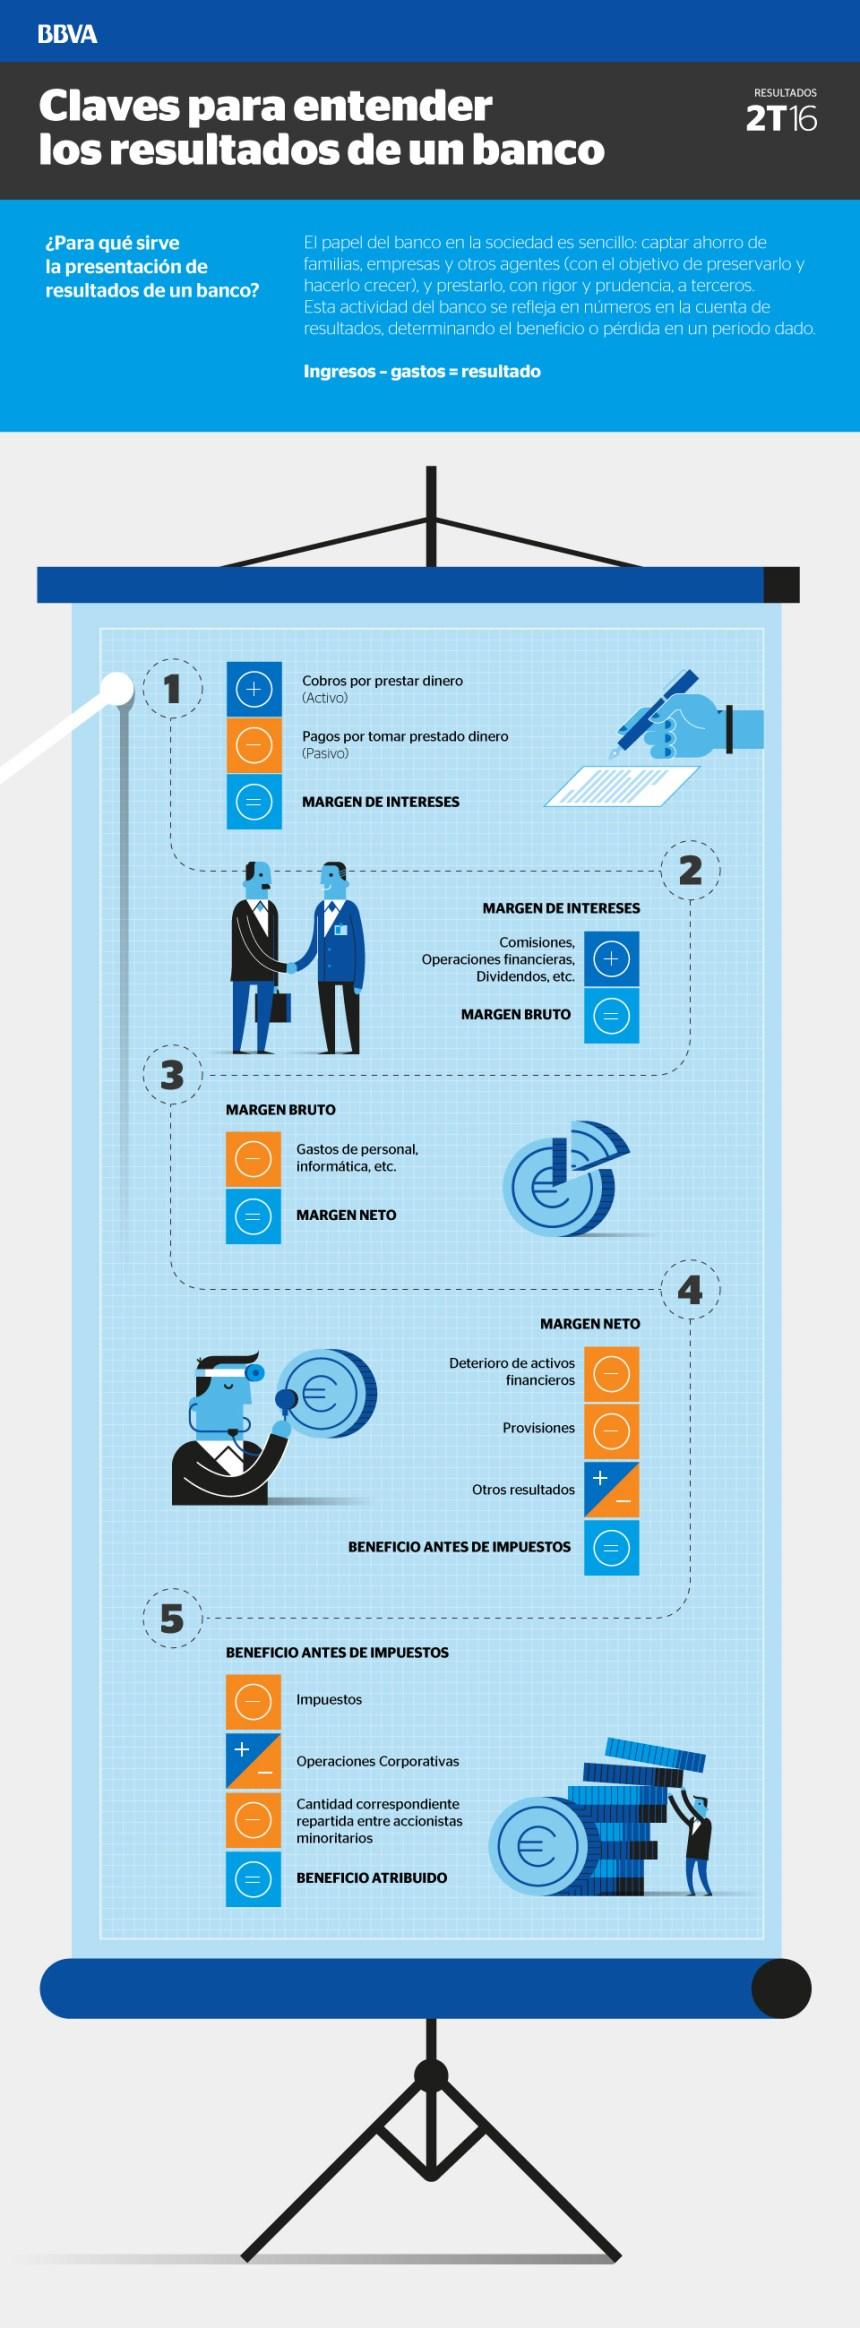 Claves para entender los resultados de un Banco